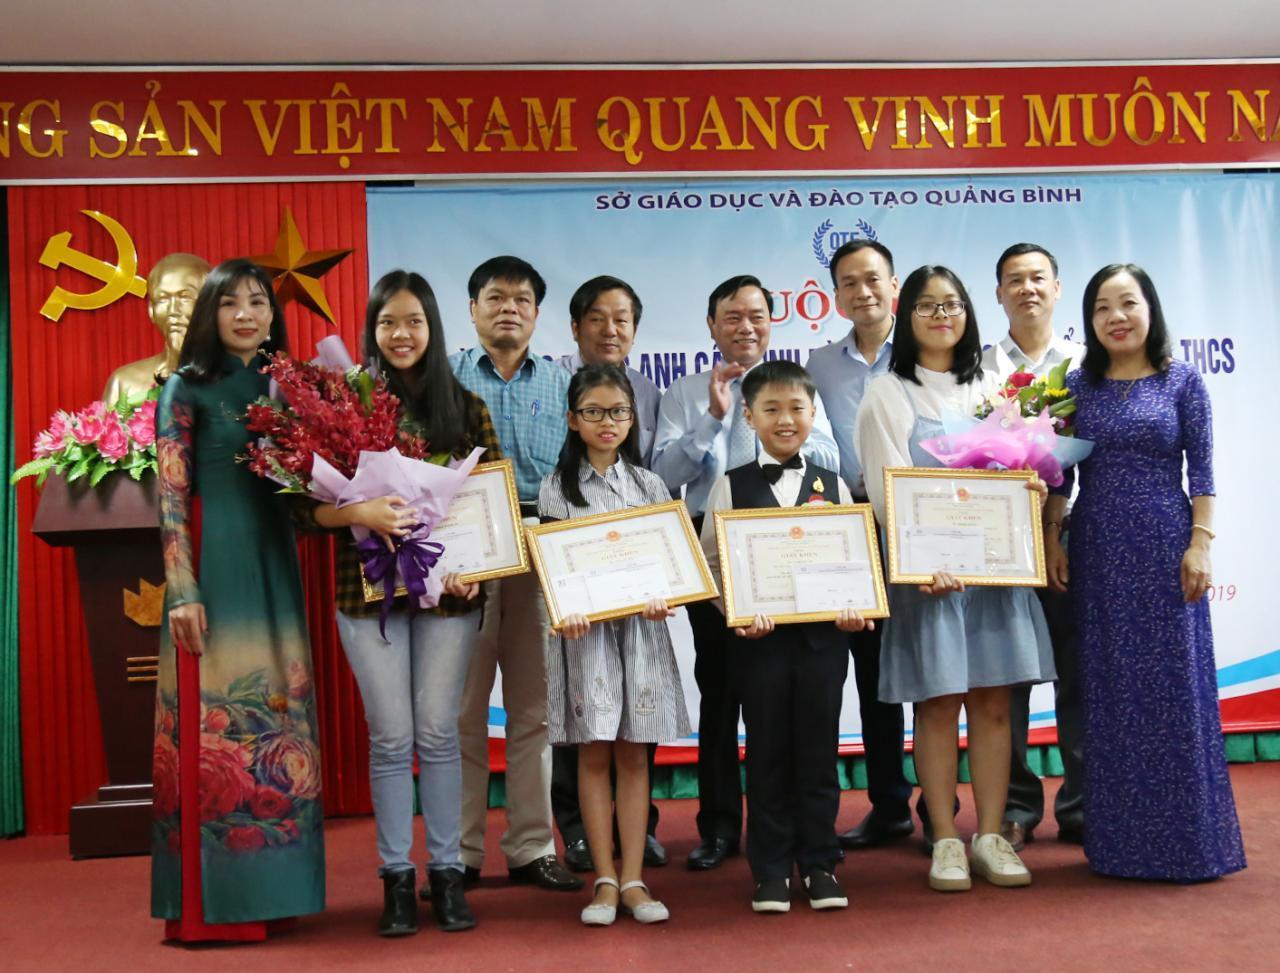 Quảng Bình: Trao giải cuộc thi Tài năng tiếng Anh cấp tỉnh